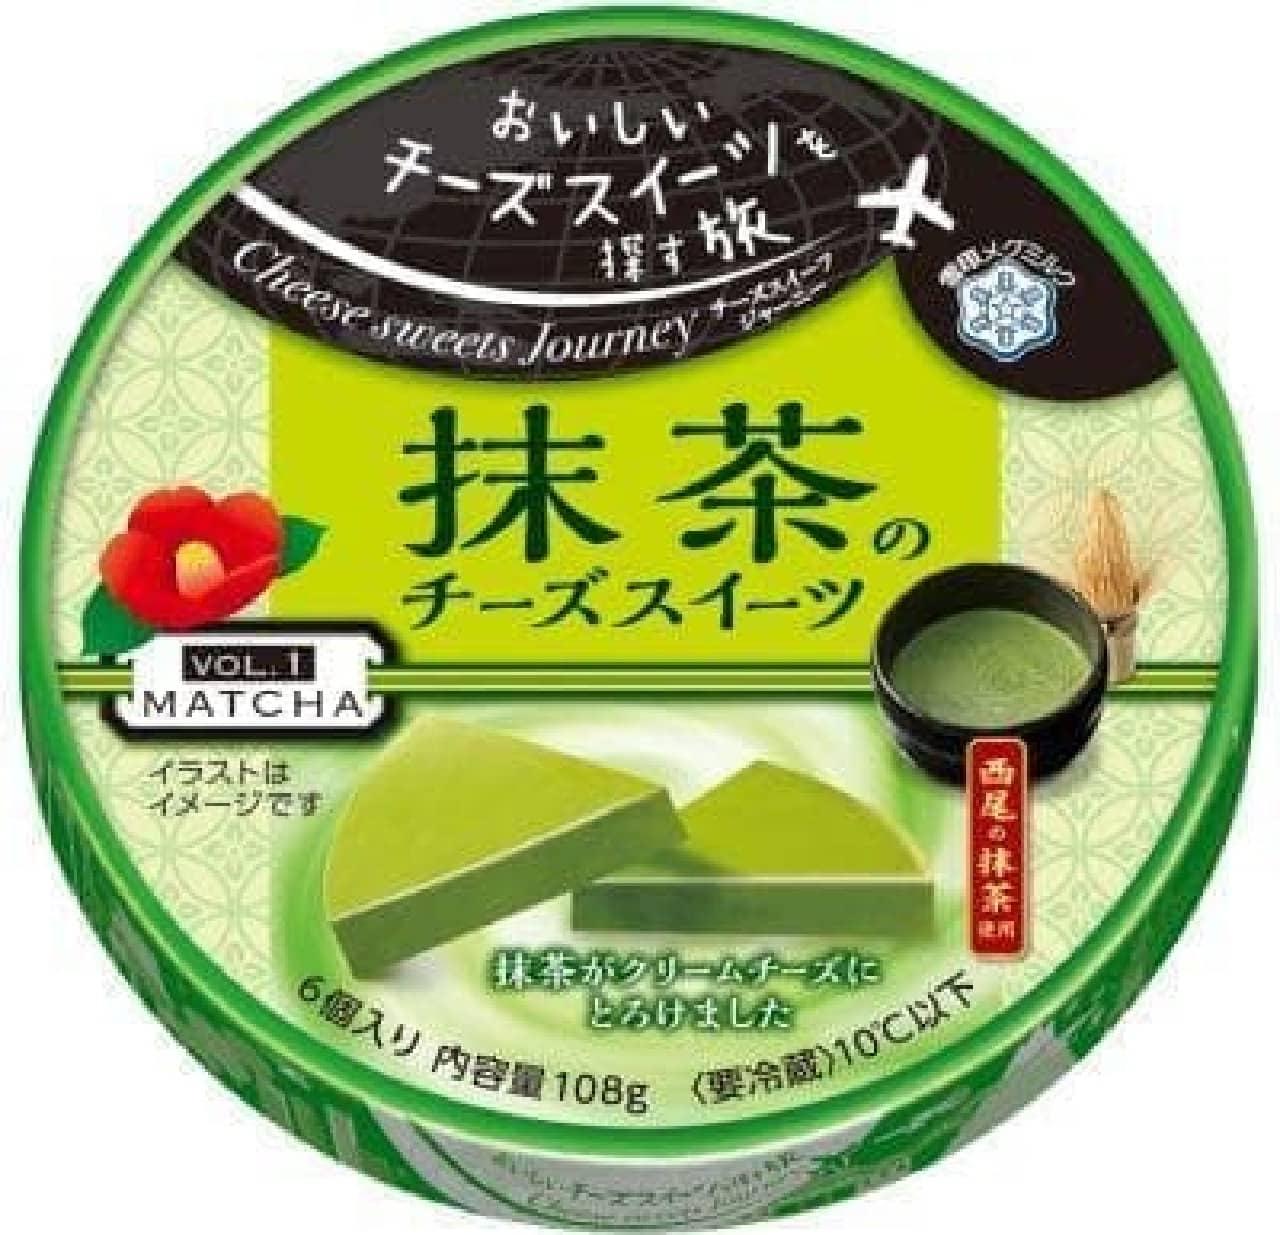 雪印メグミルク「Cheese sweets Journey 抹茶のチーズスイーツ」